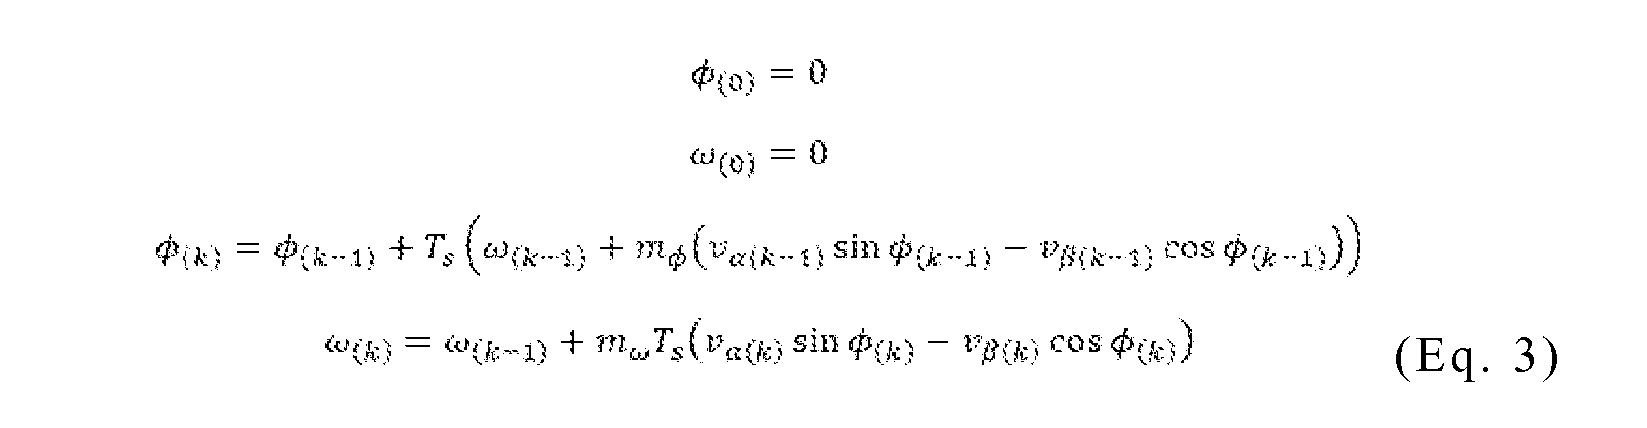 Figure imgf000008_0003